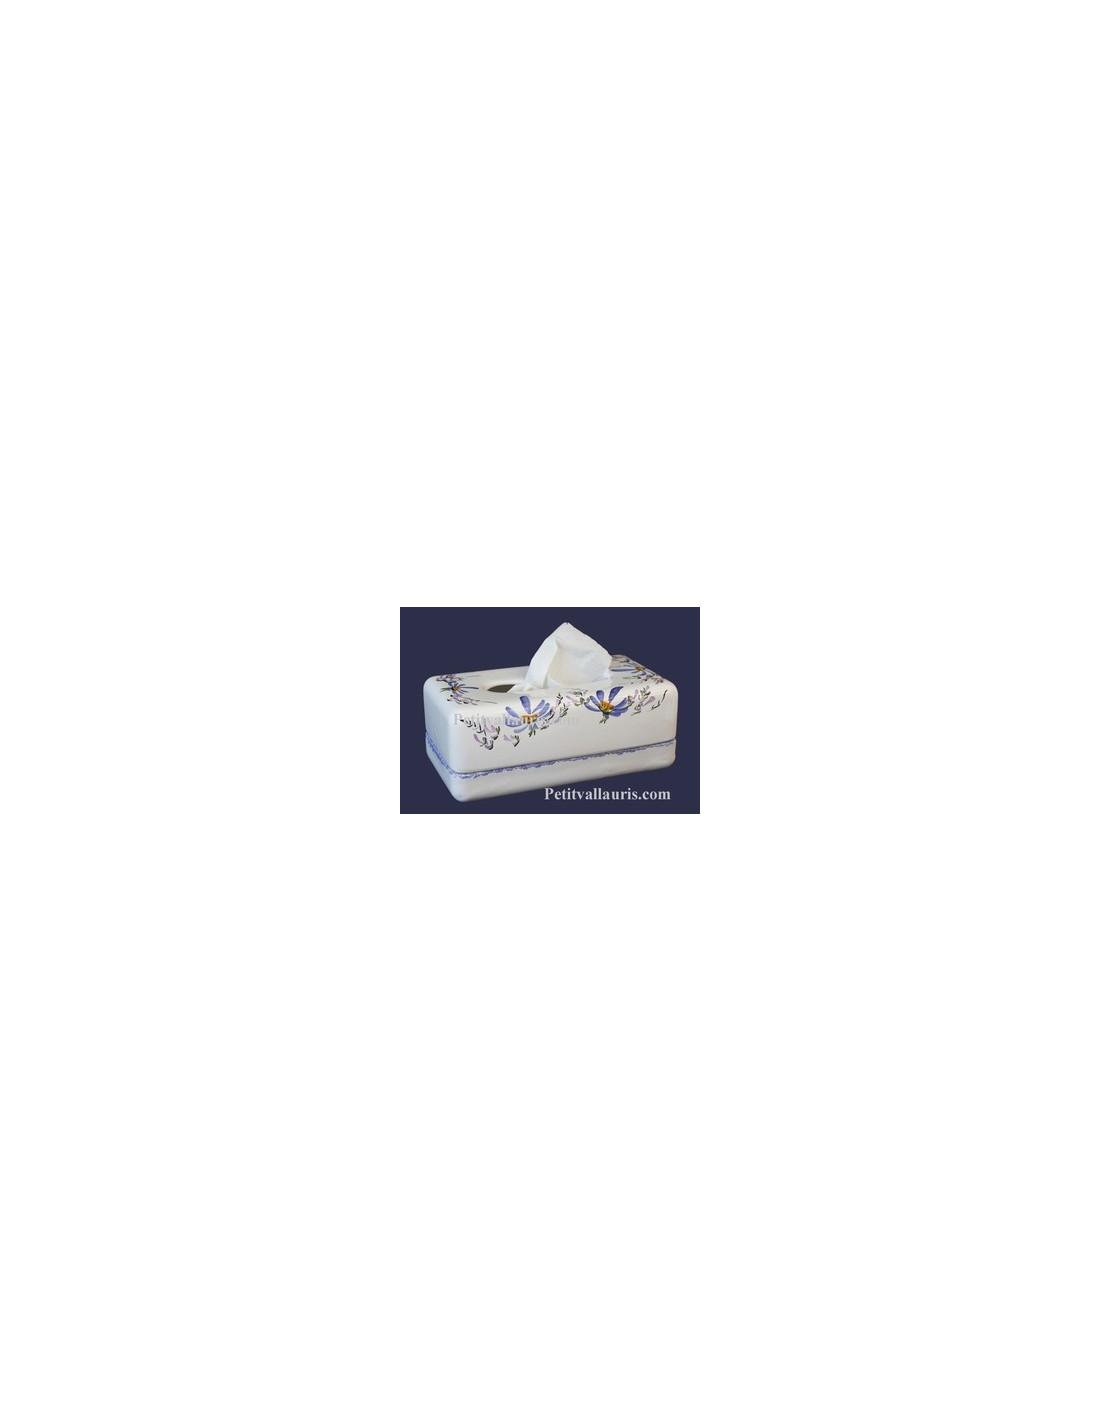 boite mouchoir papier jetables en c ramique blanche et motits fleurs bleues. Black Bedroom Furniture Sets. Home Design Ideas